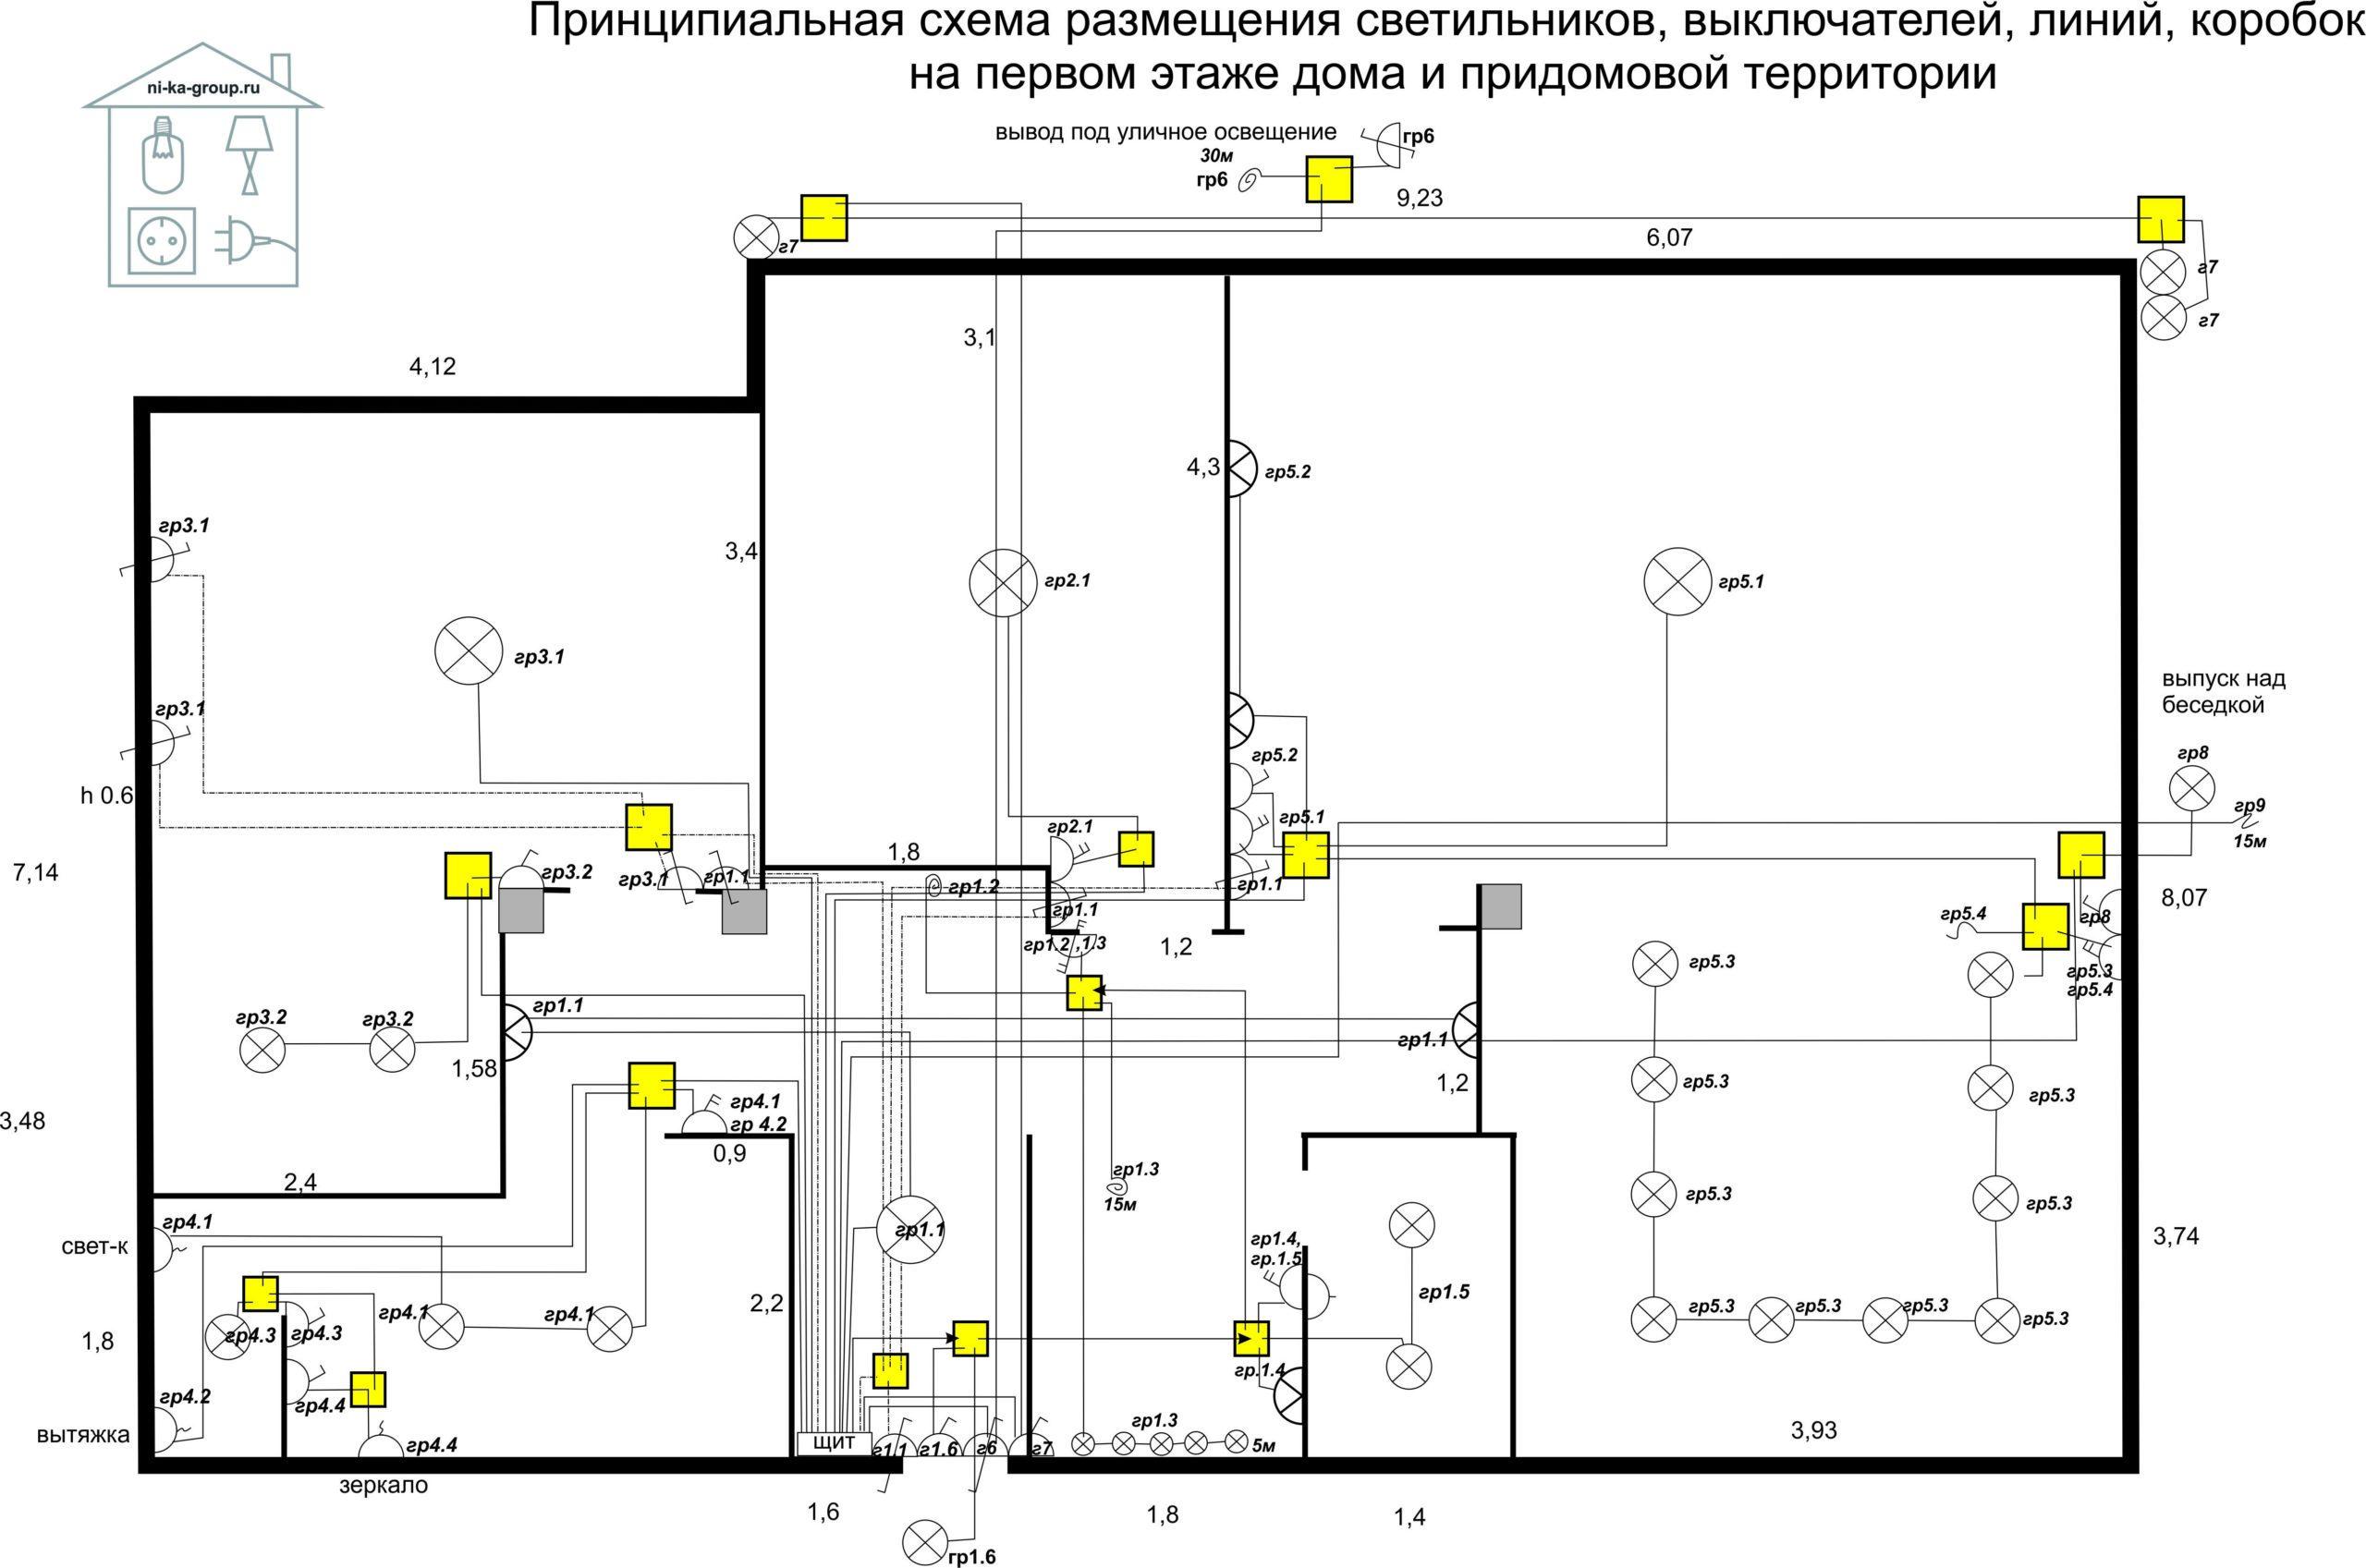 Принципиальная схема выключателей, светильников, коробок, электрических линий в доме